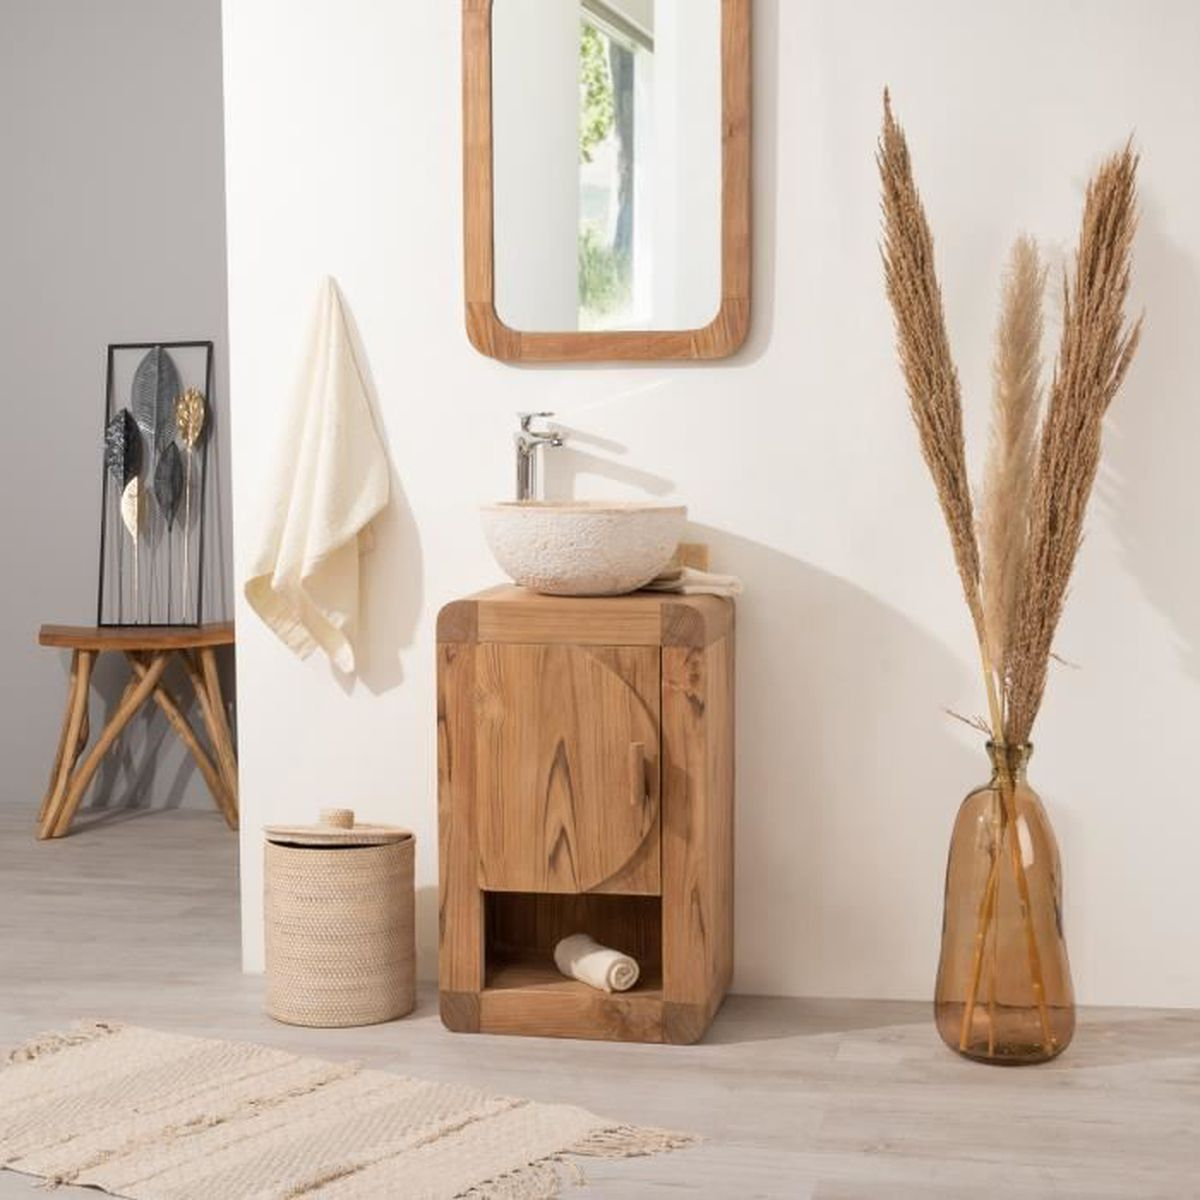 Petit Meuble De Salle De Bain Ou Wc 44cm En Teck Massif Achat Vente Meuble Vasque Plan